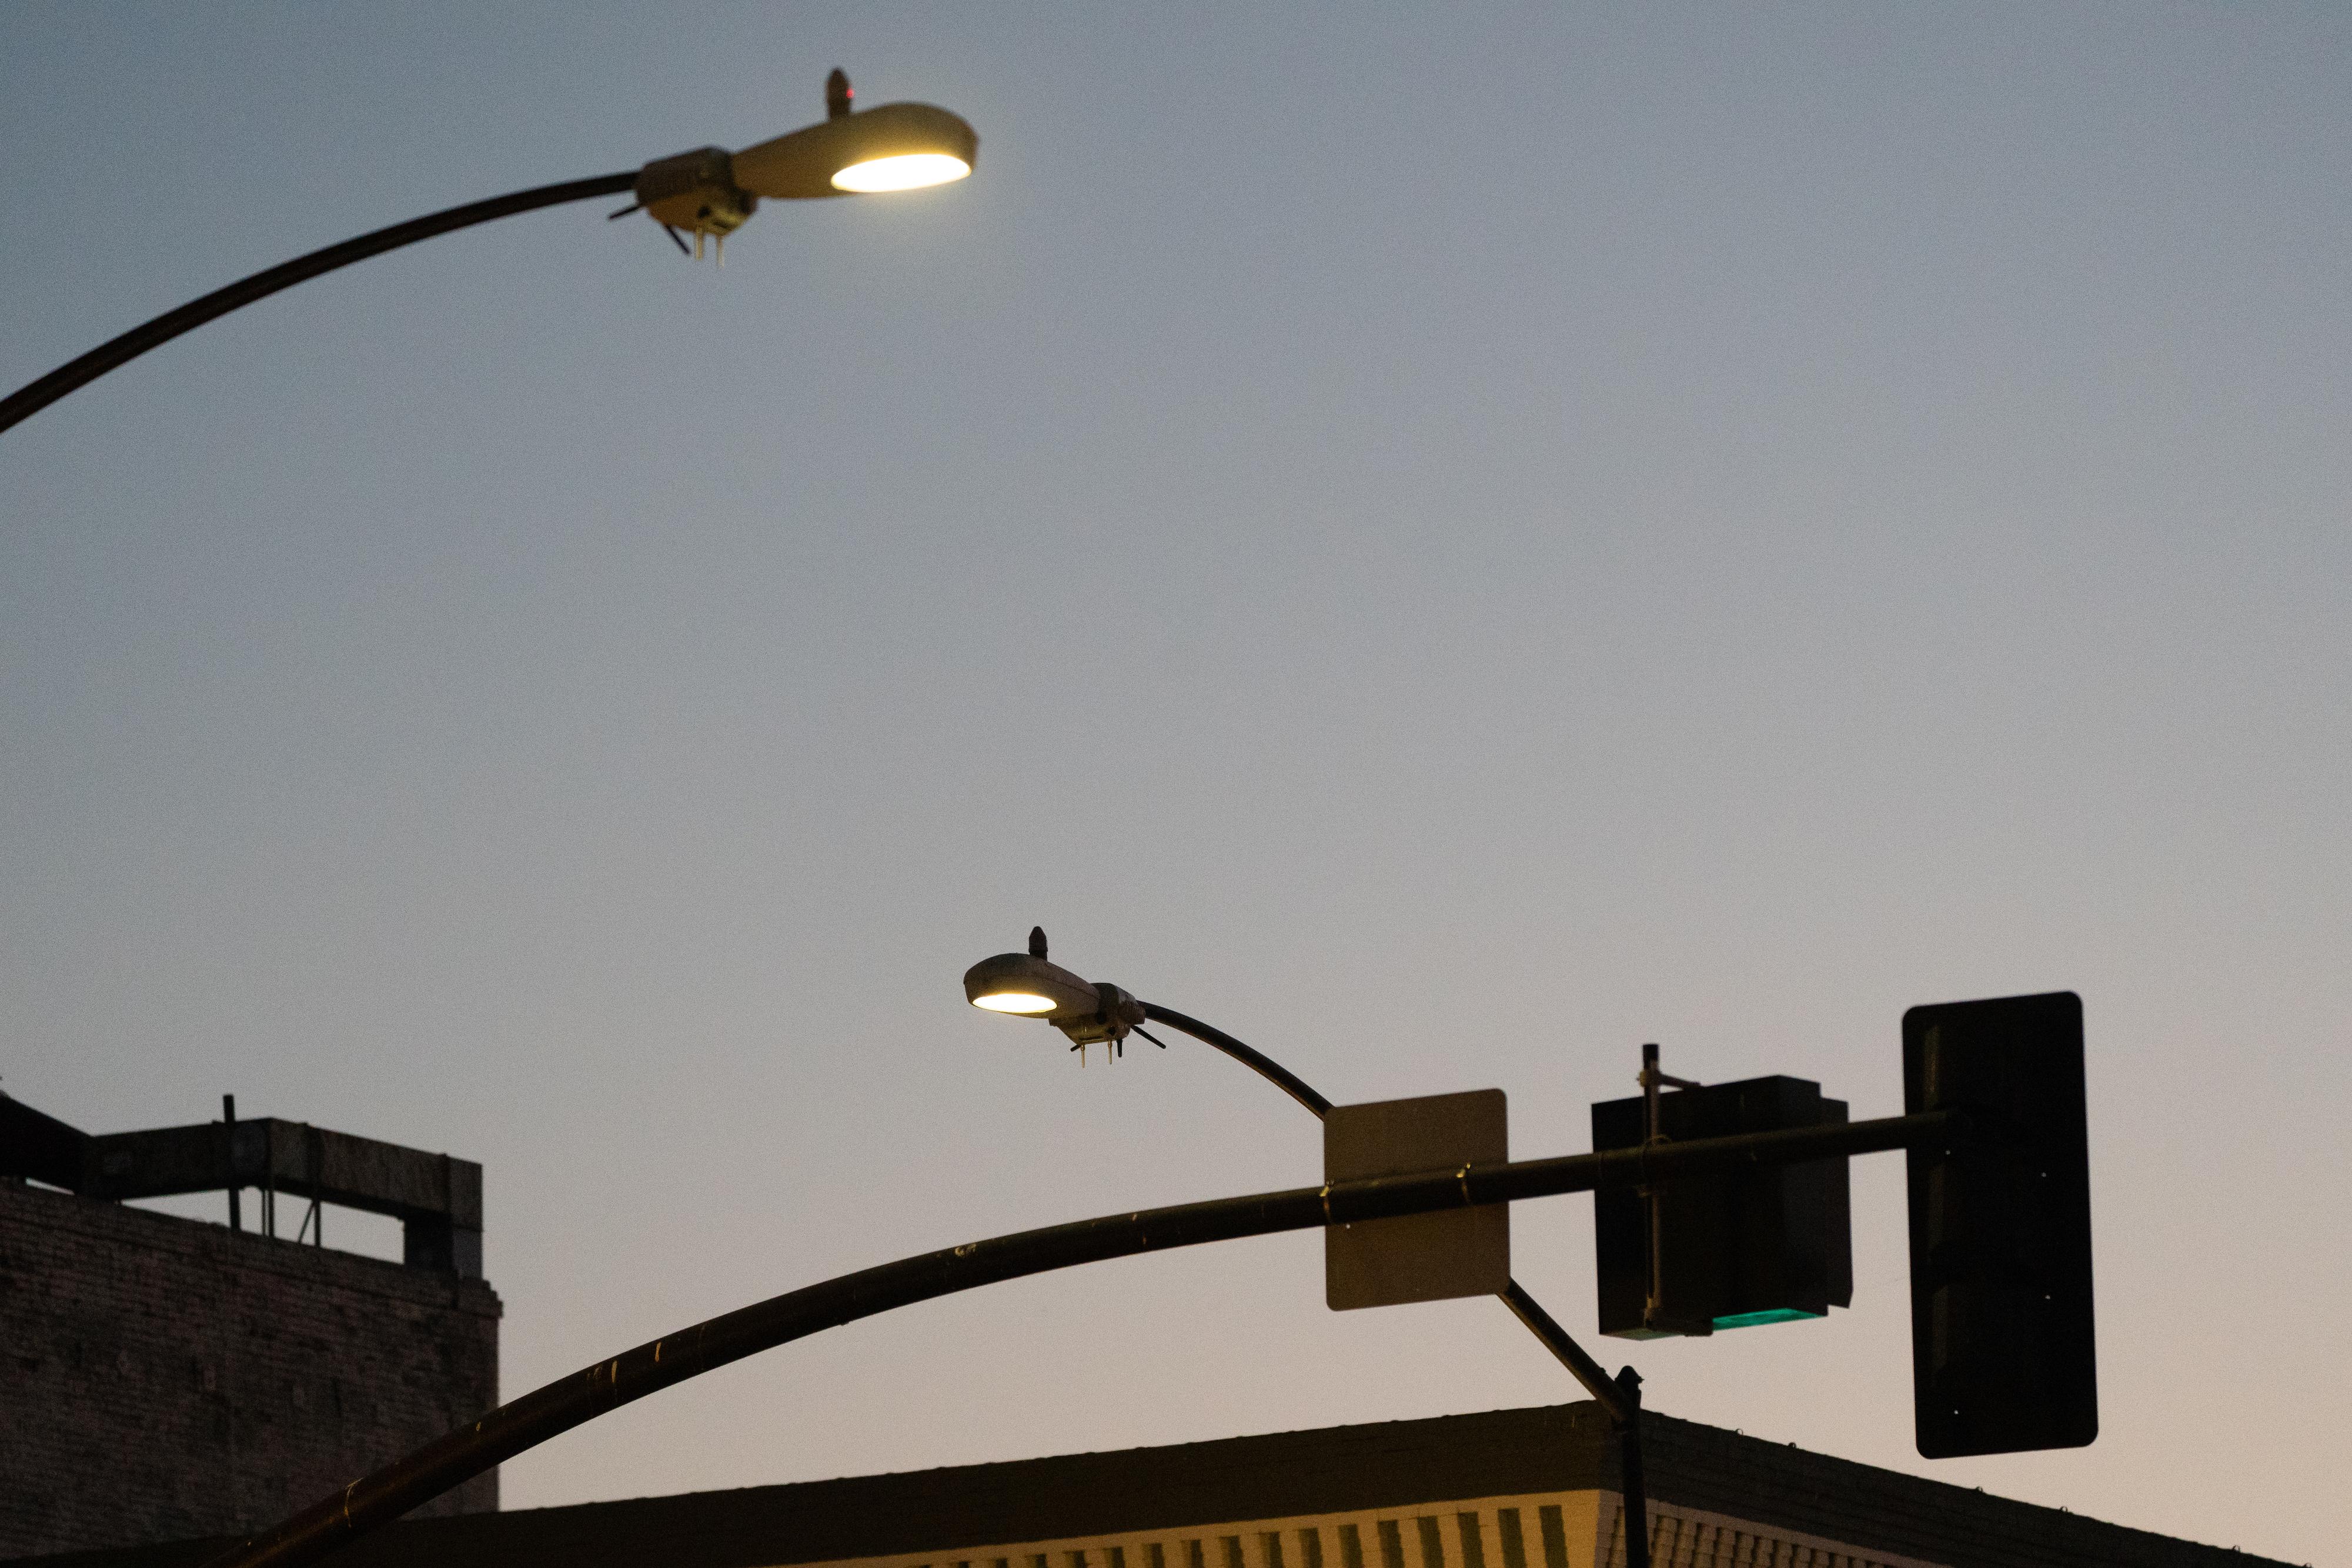 Streetlight Spy Cameras Have